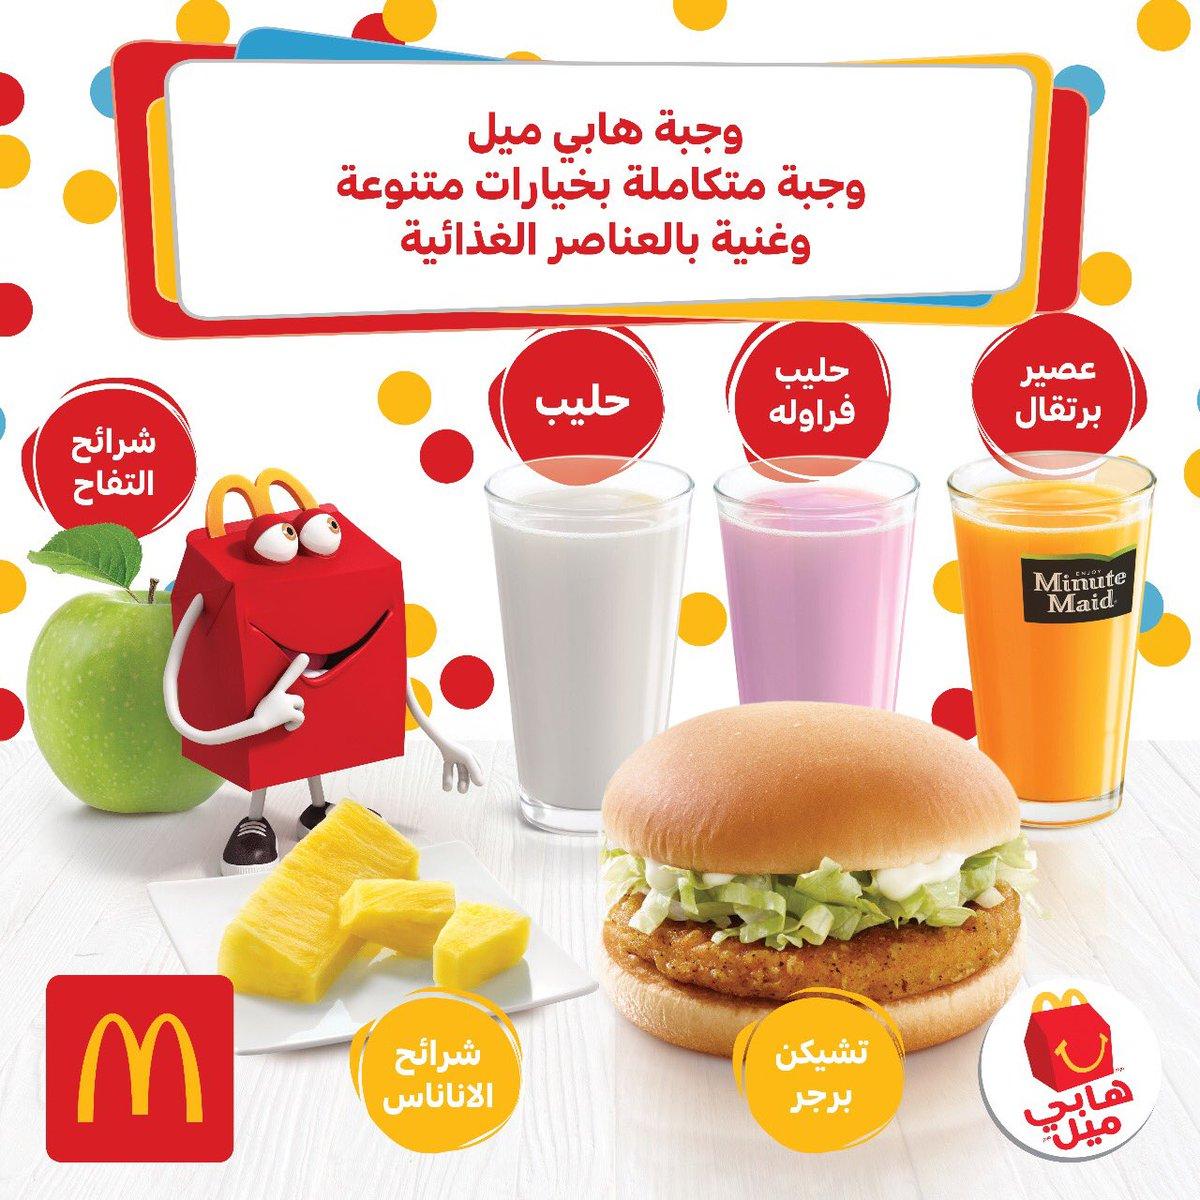 ماكدونالدز السعودية الوسطى والشرقية والشمالية En Twitter وجبة هابي ميل الحل الأفضل لنمو صحي وسليم لطفلك ماكدونالدز هابي ميل